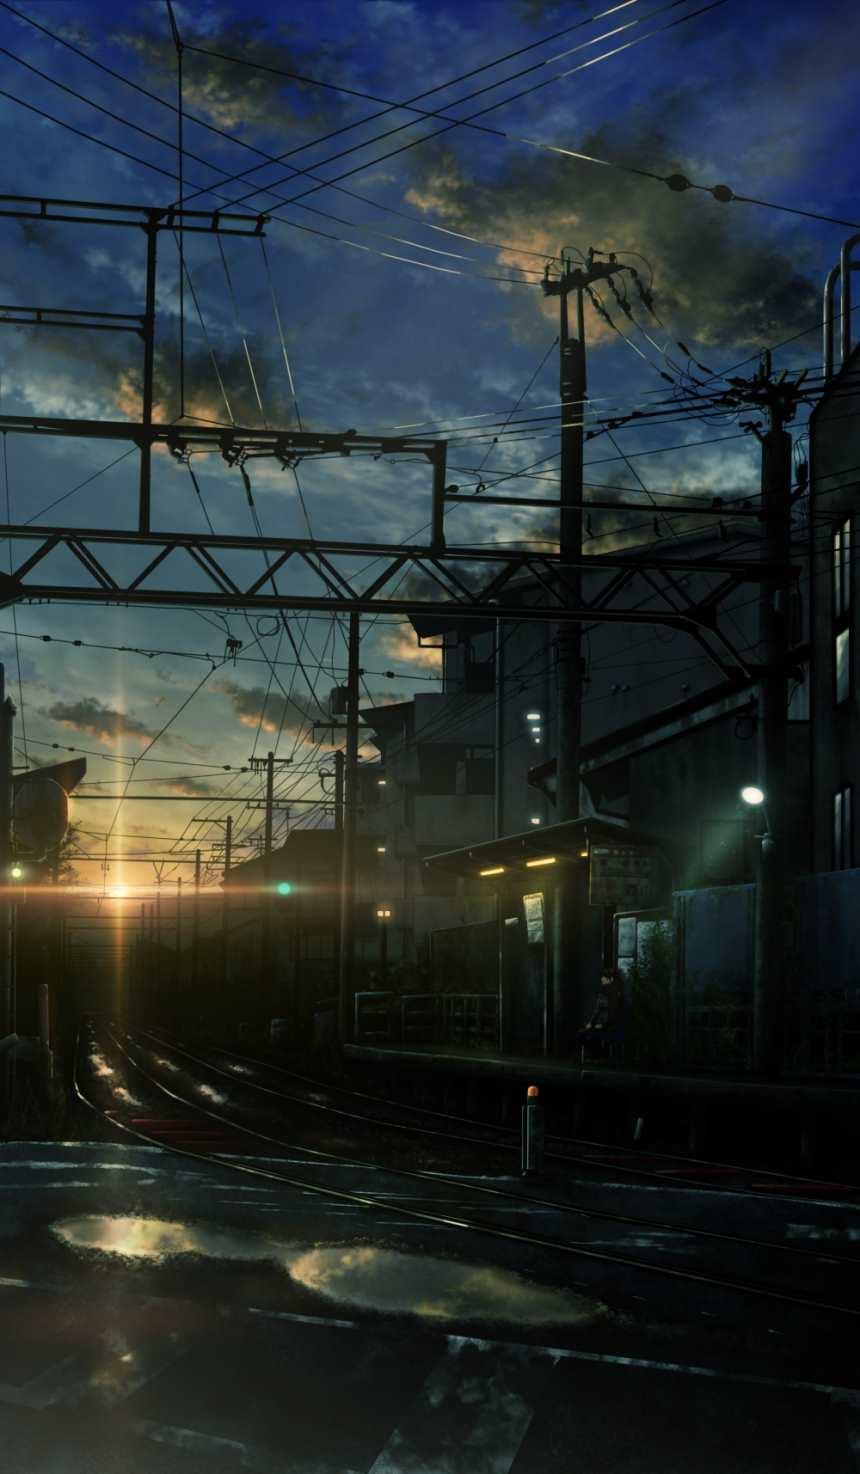 幽静的城市角落静止的铁轨交错(点击浏览下一张趣图)